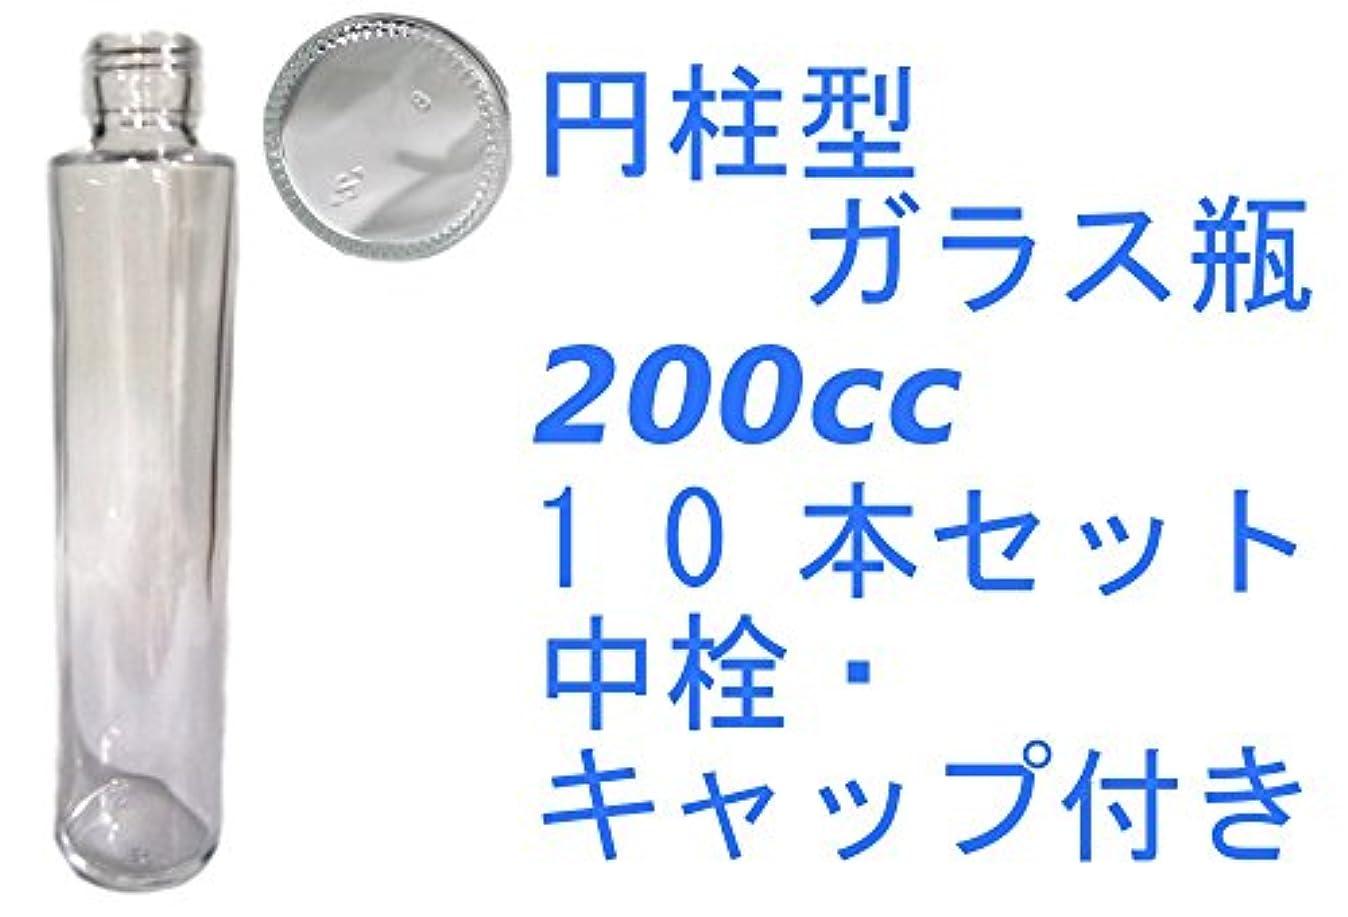 モチーフ鋸歯状電子(ジャストユーズ)JustU's 日本製 ポリ栓 中栓付き円柱型ガラス瓶 10本セット 200cc 200ml アロマディフューザー ハーバリウム 調味料 オイル タレ ドレッシング瓶 B10-SSS200A-A